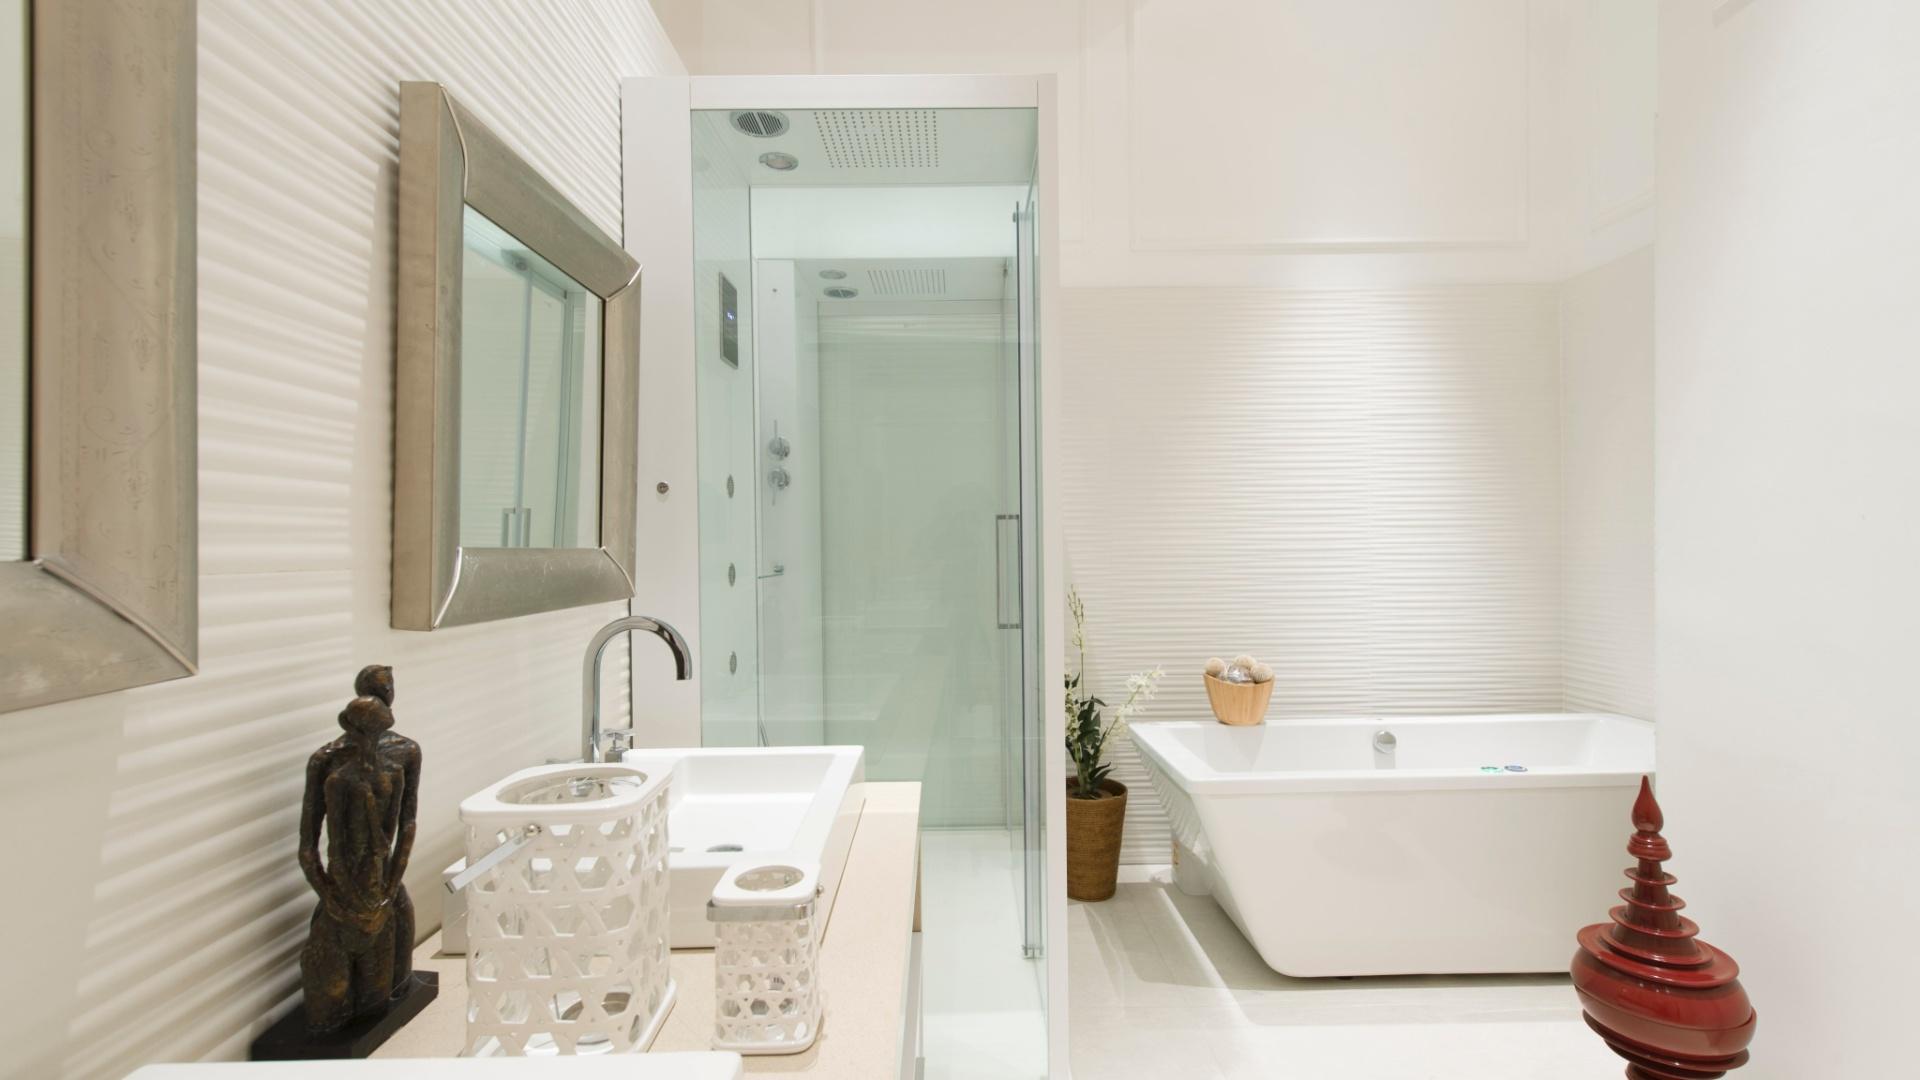 Banheiros Casa E Decora C3 A7 C3 A3o UOL Mulher #6E3F2D 1920x1080 Banheiro Da Suite Do Casal